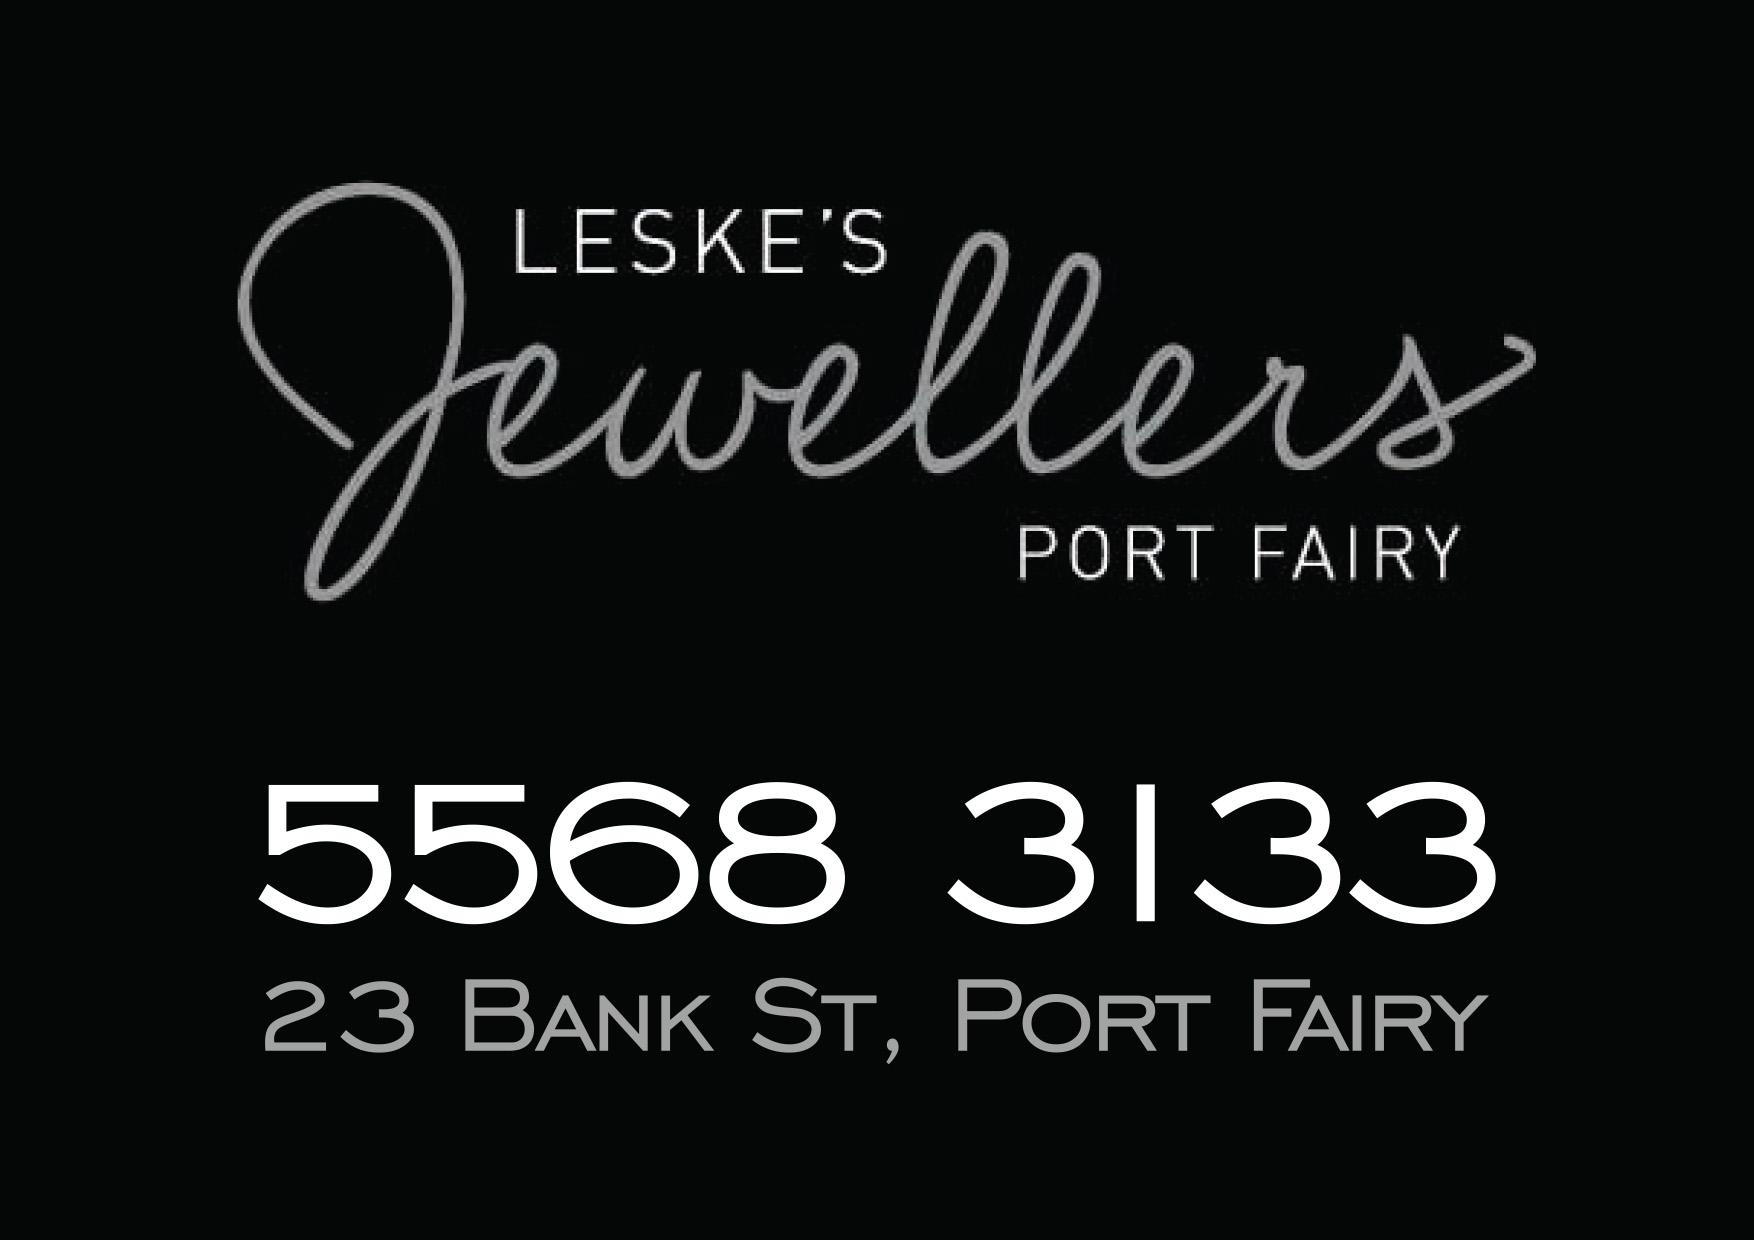 Leskes Jewellers